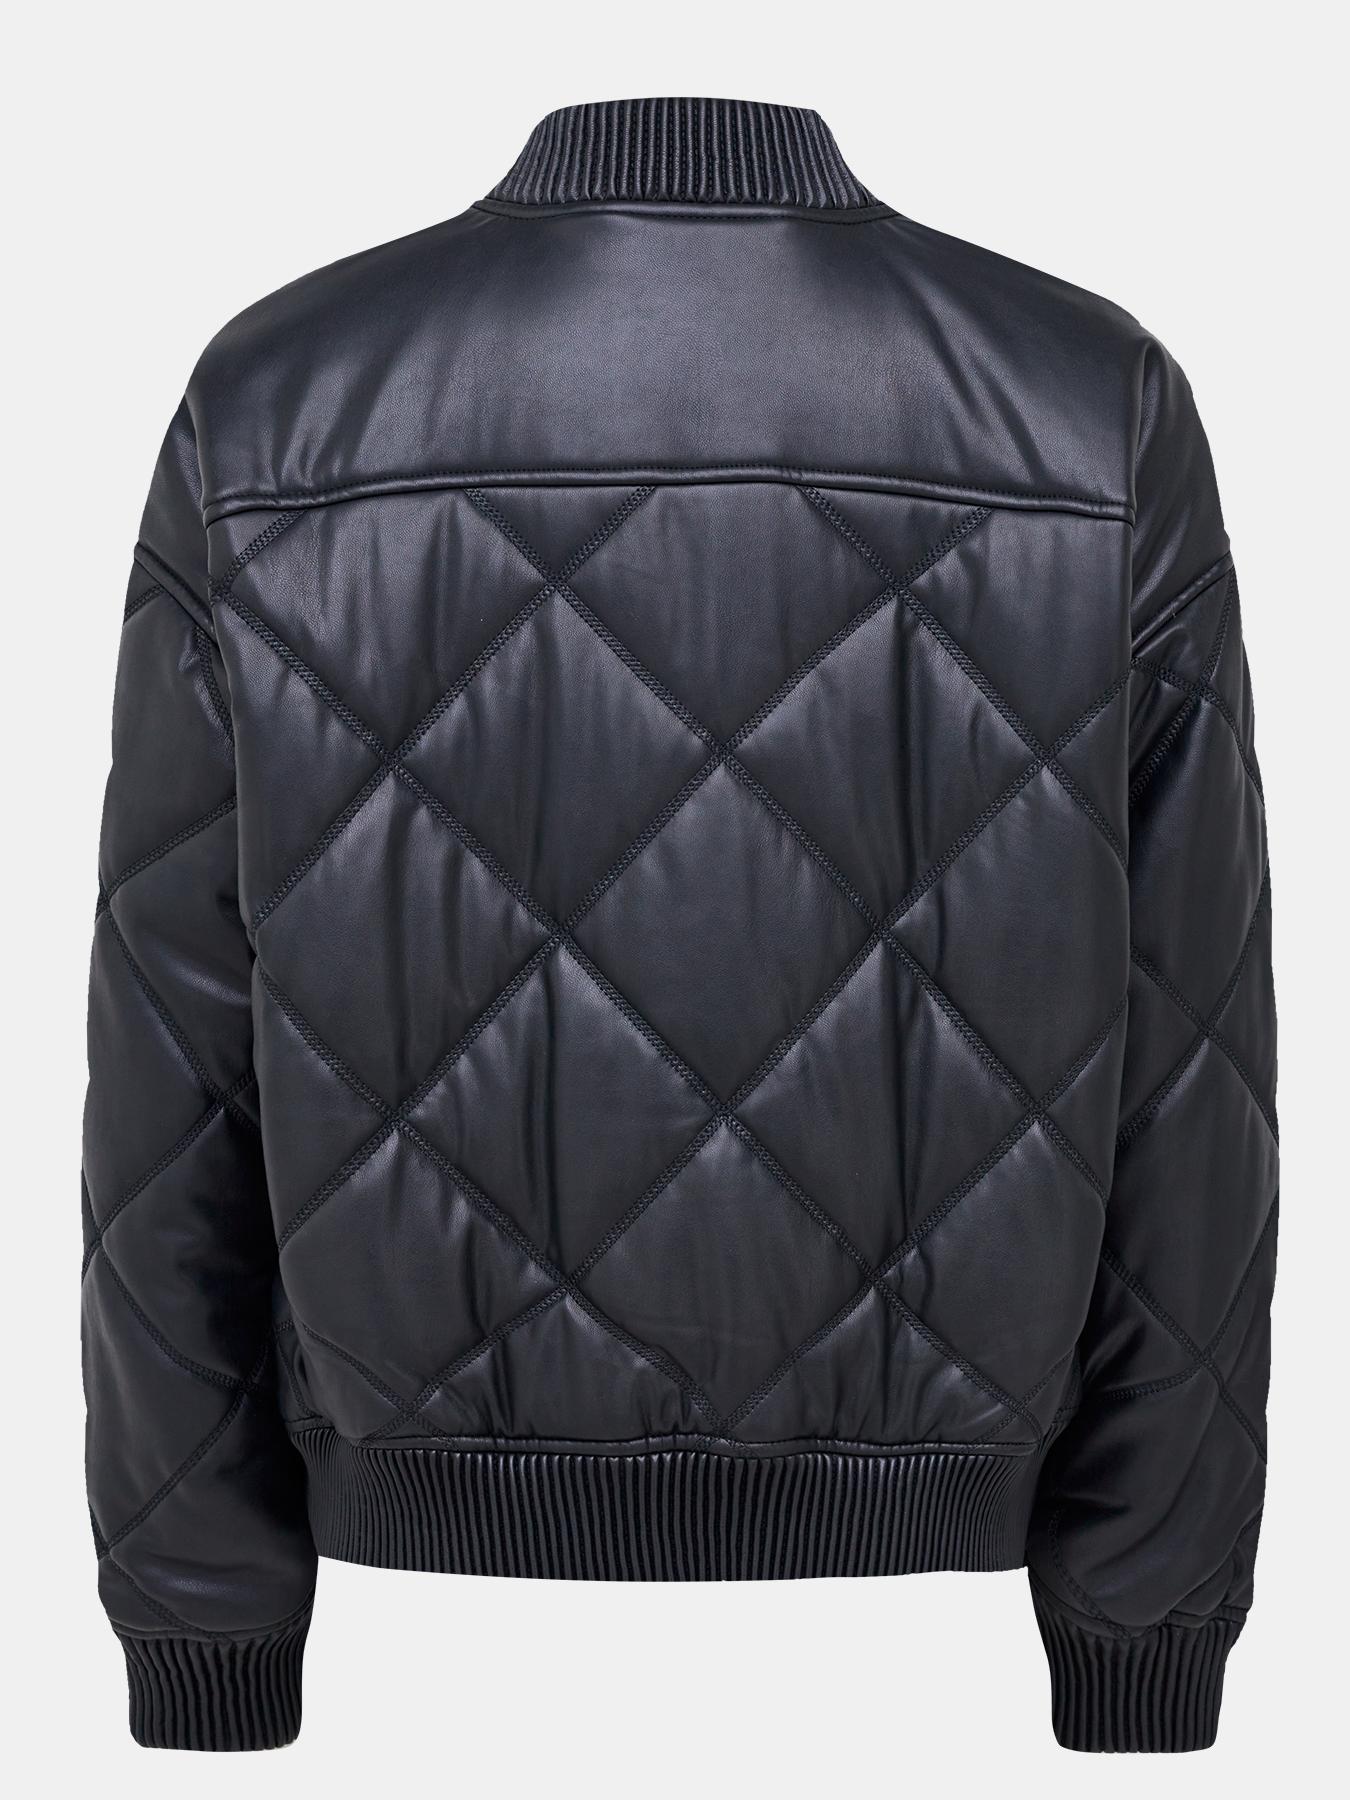 Куртка Patrizia Pepe Бомбер куртка patrizia pepe 8l0210 a2hs k103